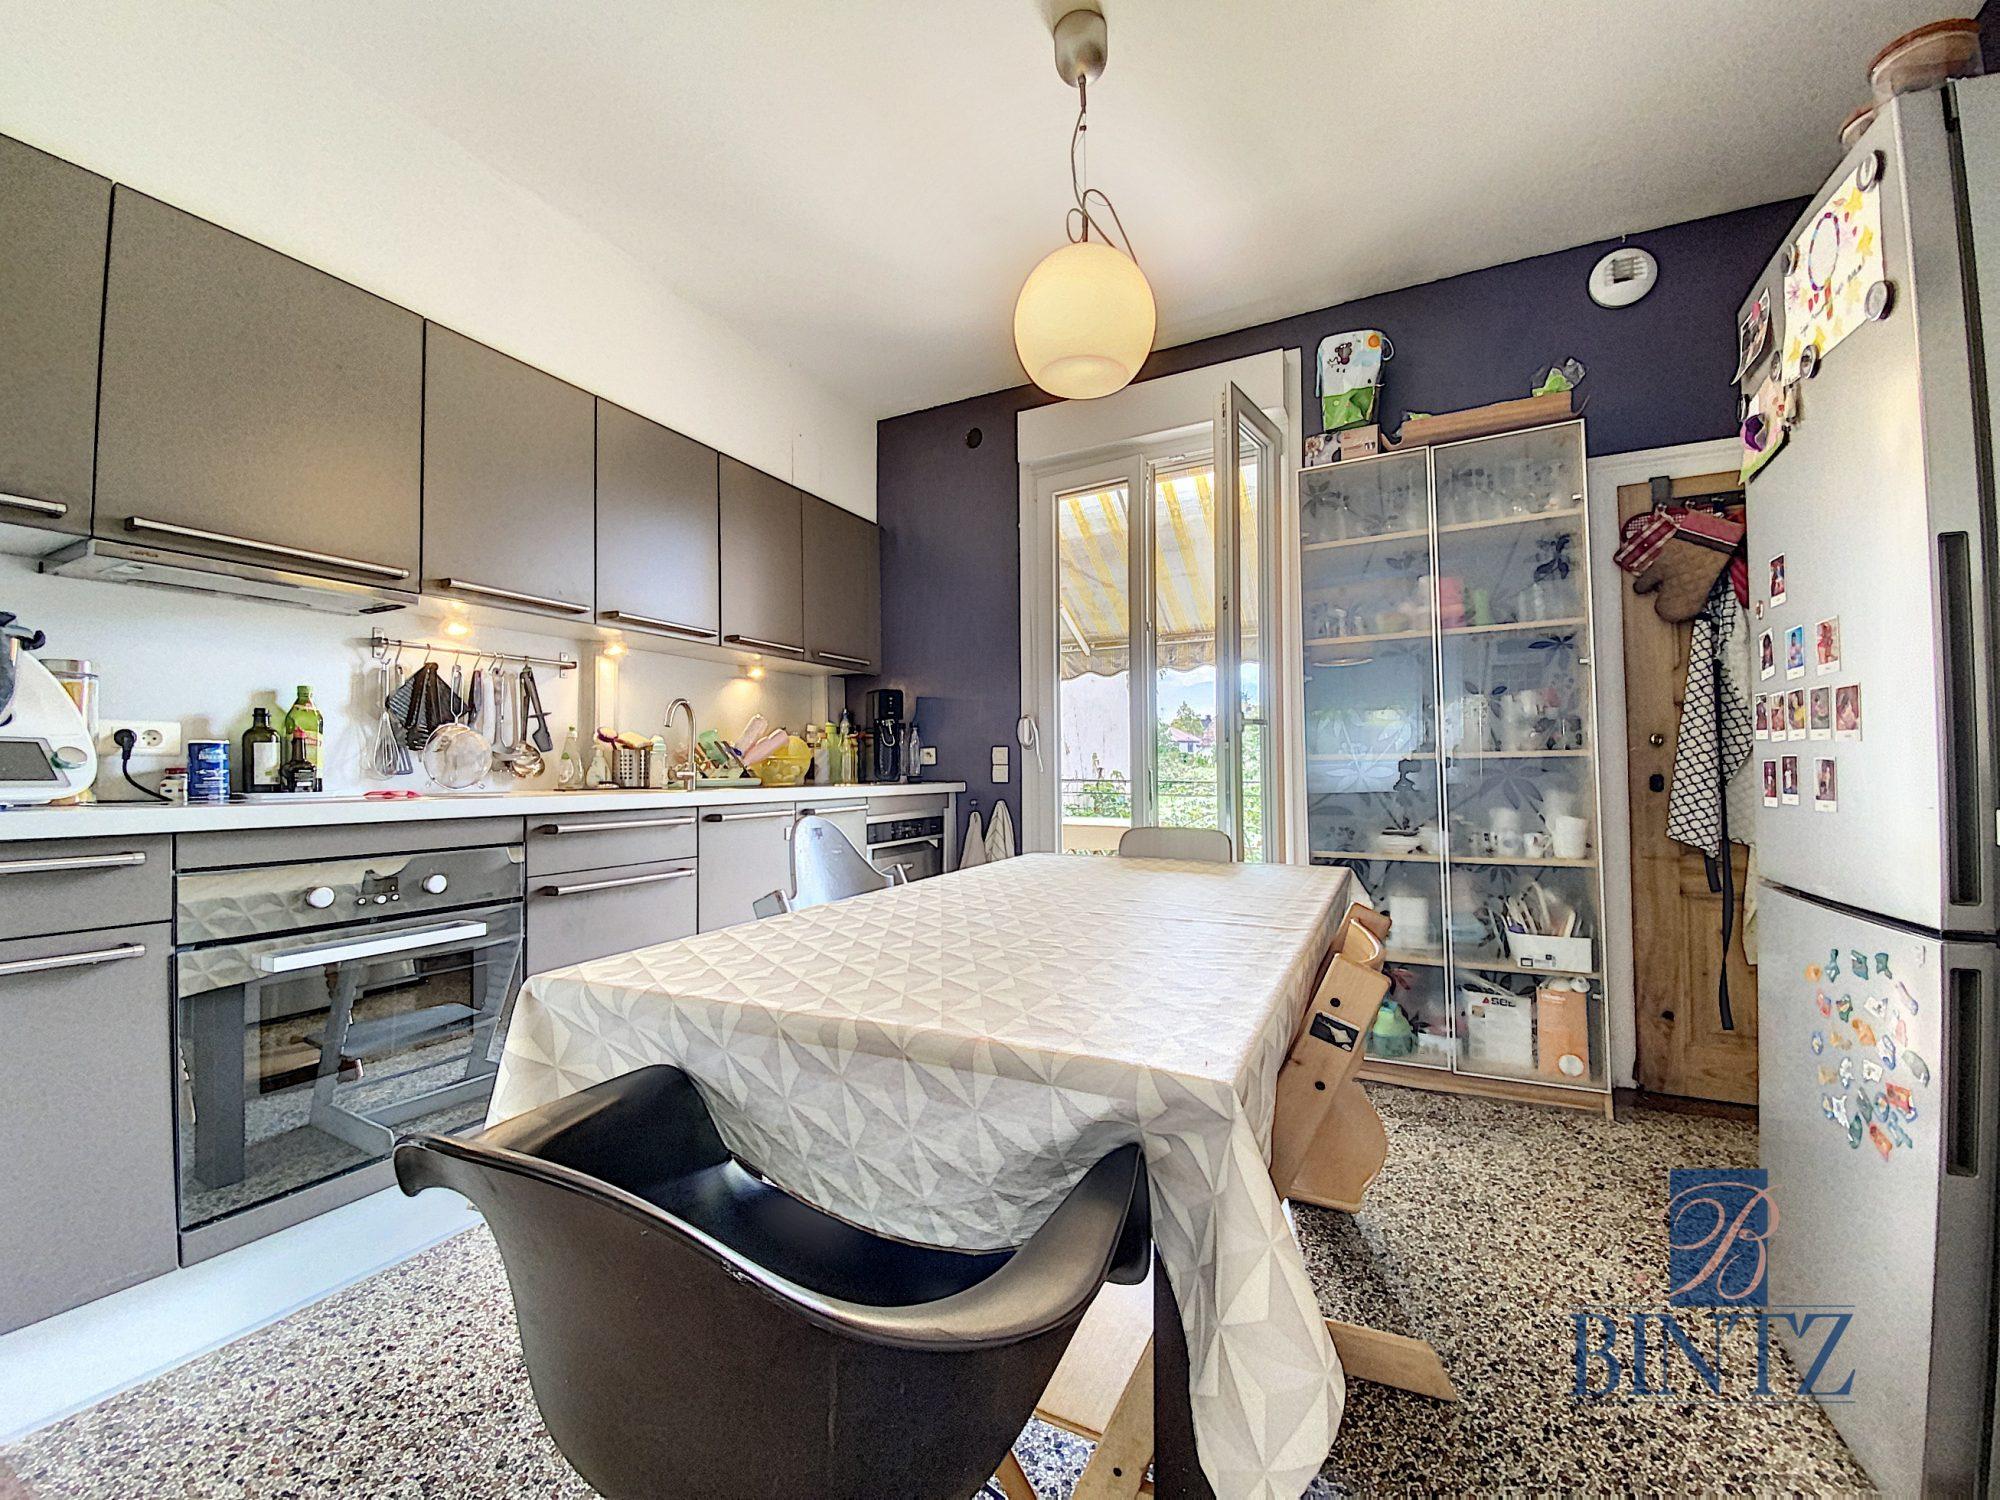 3 pièces avec terrasse à la Robertsau - Devenez propriétaire en toute confiance - Bintz Immobilier - 4